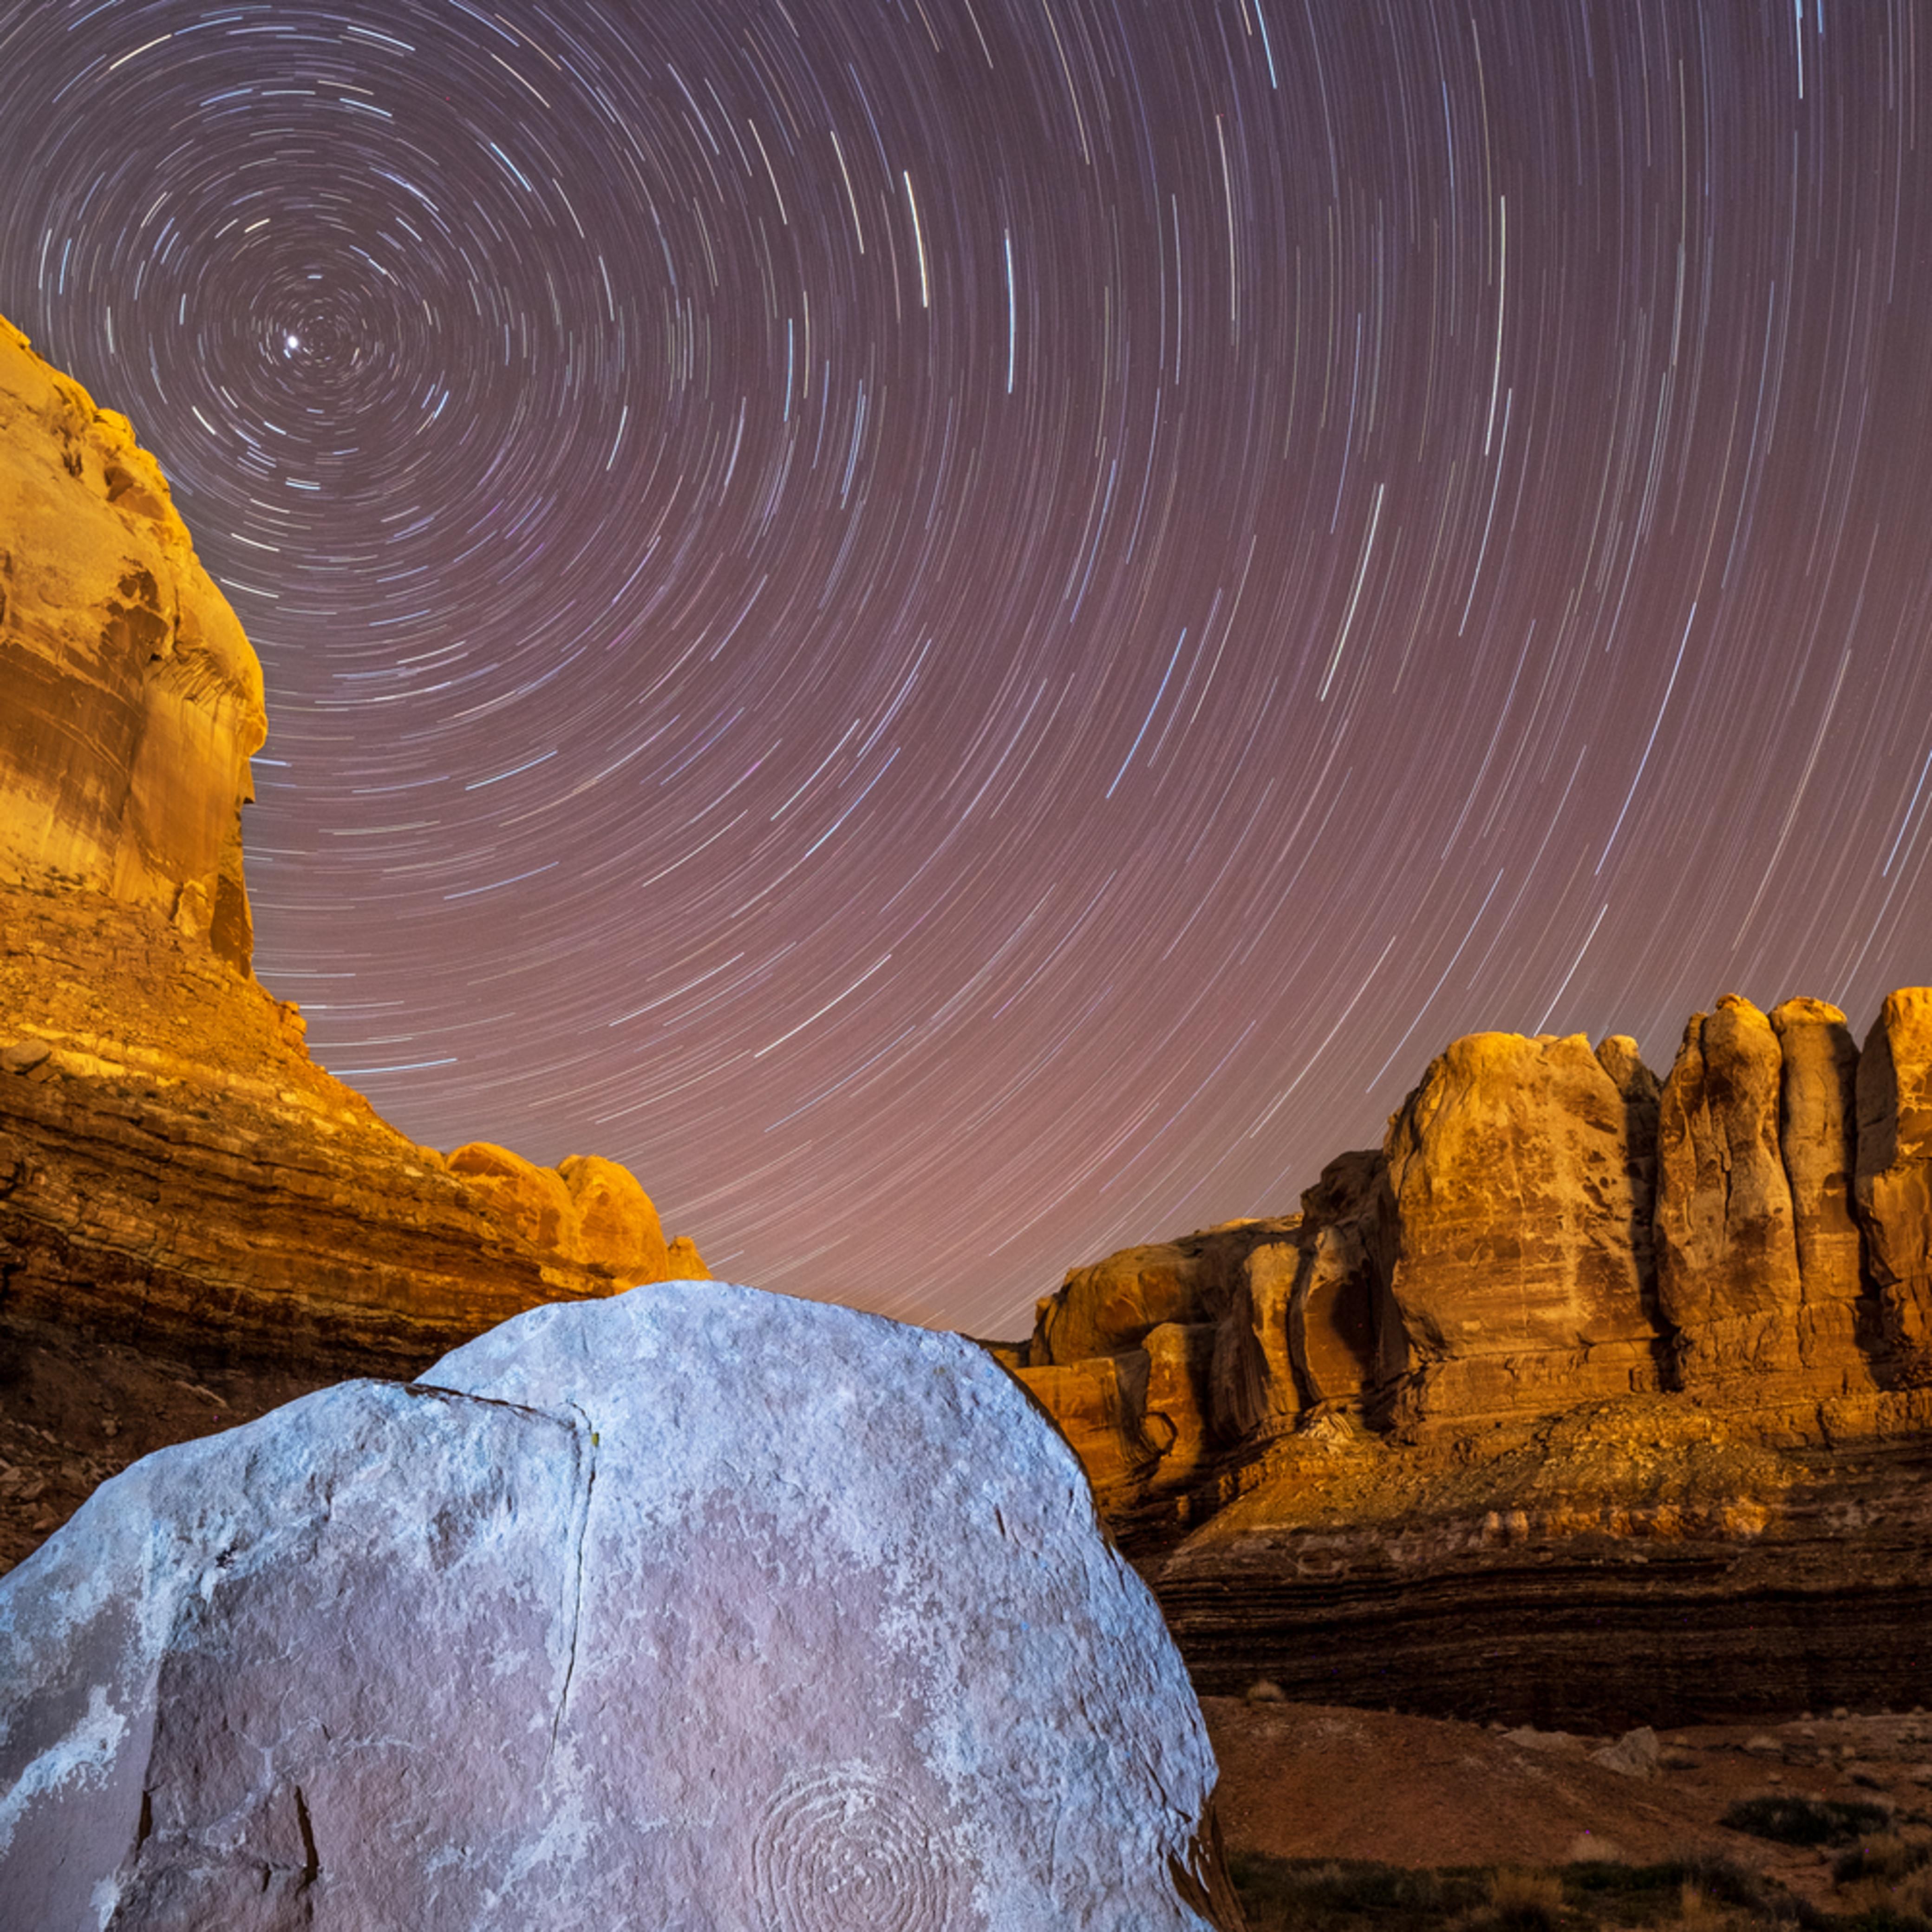 Star trails with spiral wknmqs